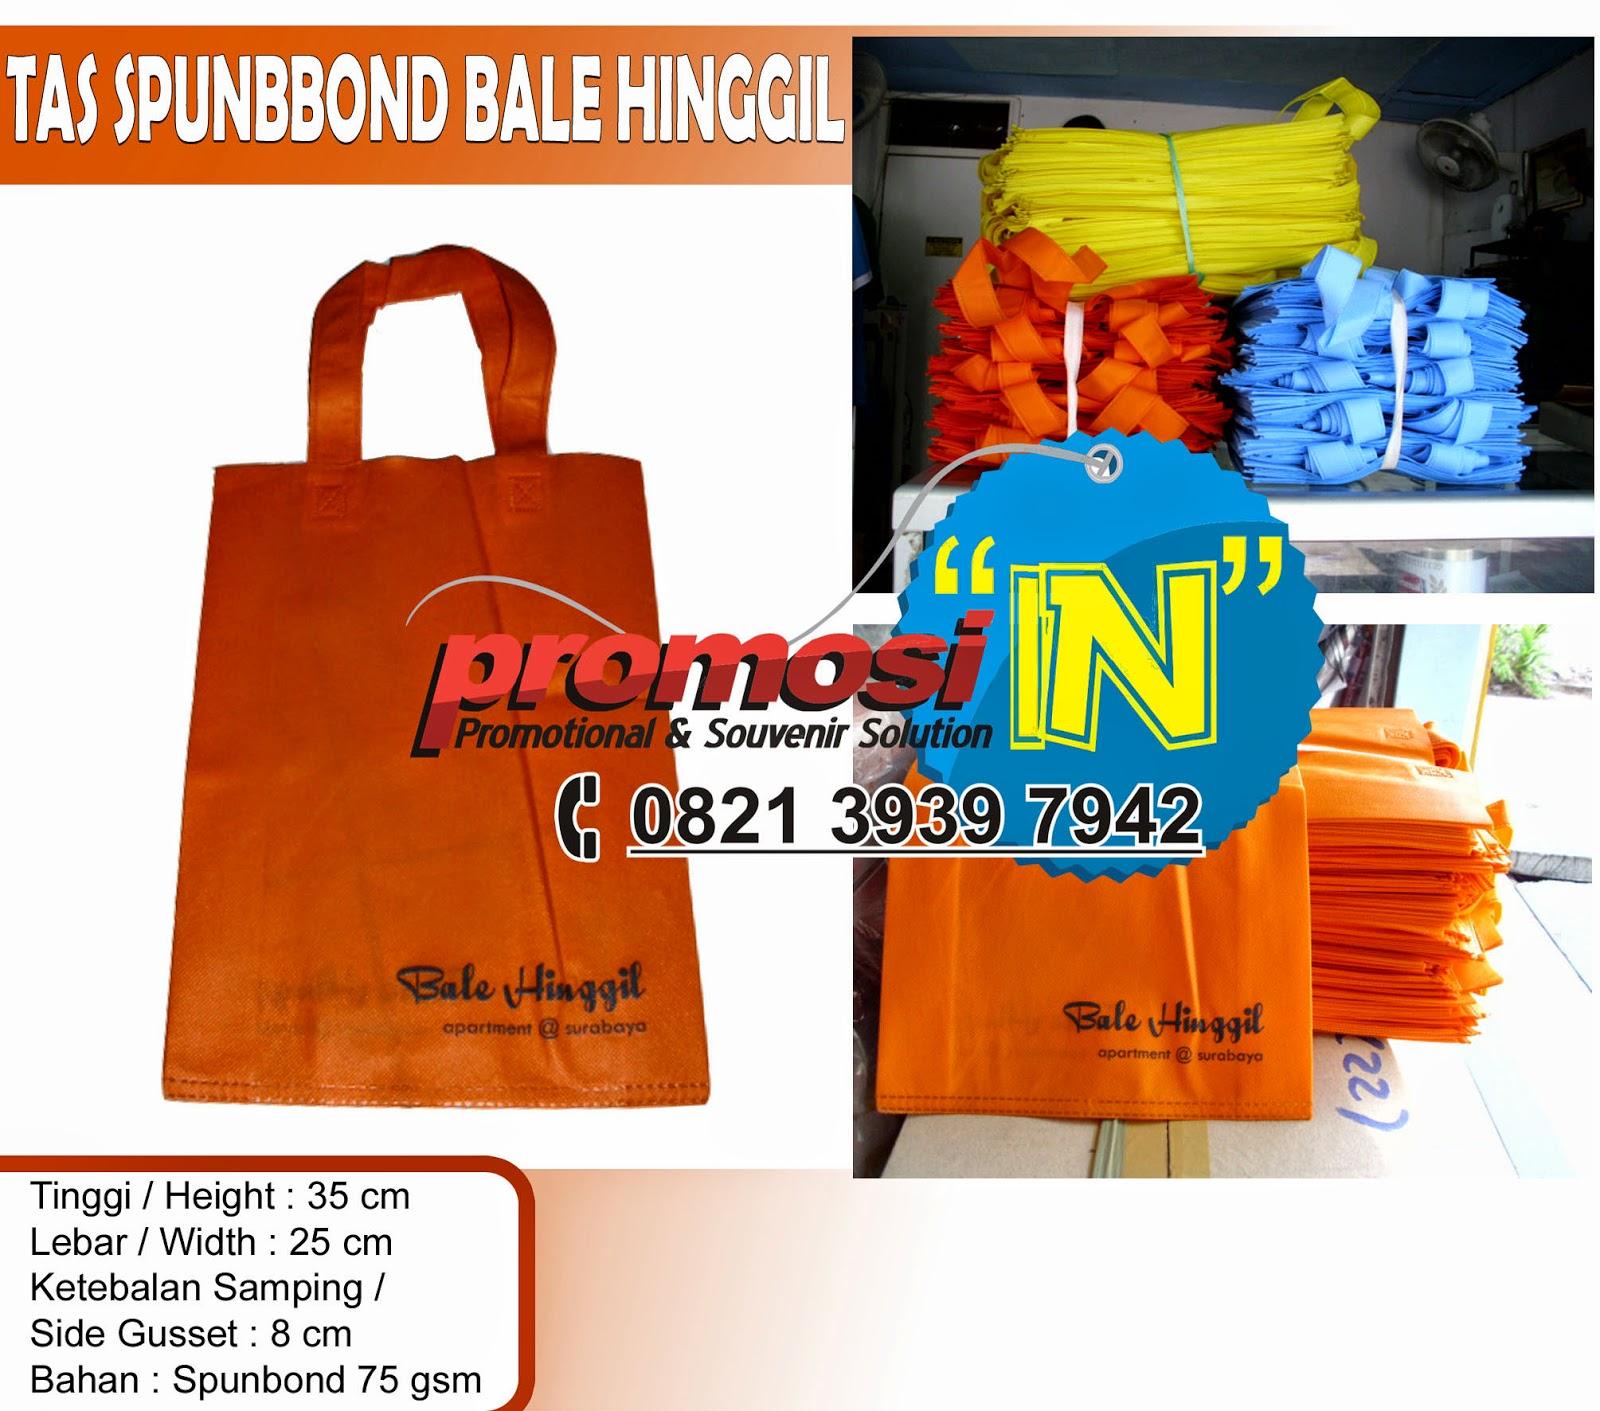 Tas Spunbond, Produksi Tas Spunbond Surabaya, Tas Spunbond Promosi Online,